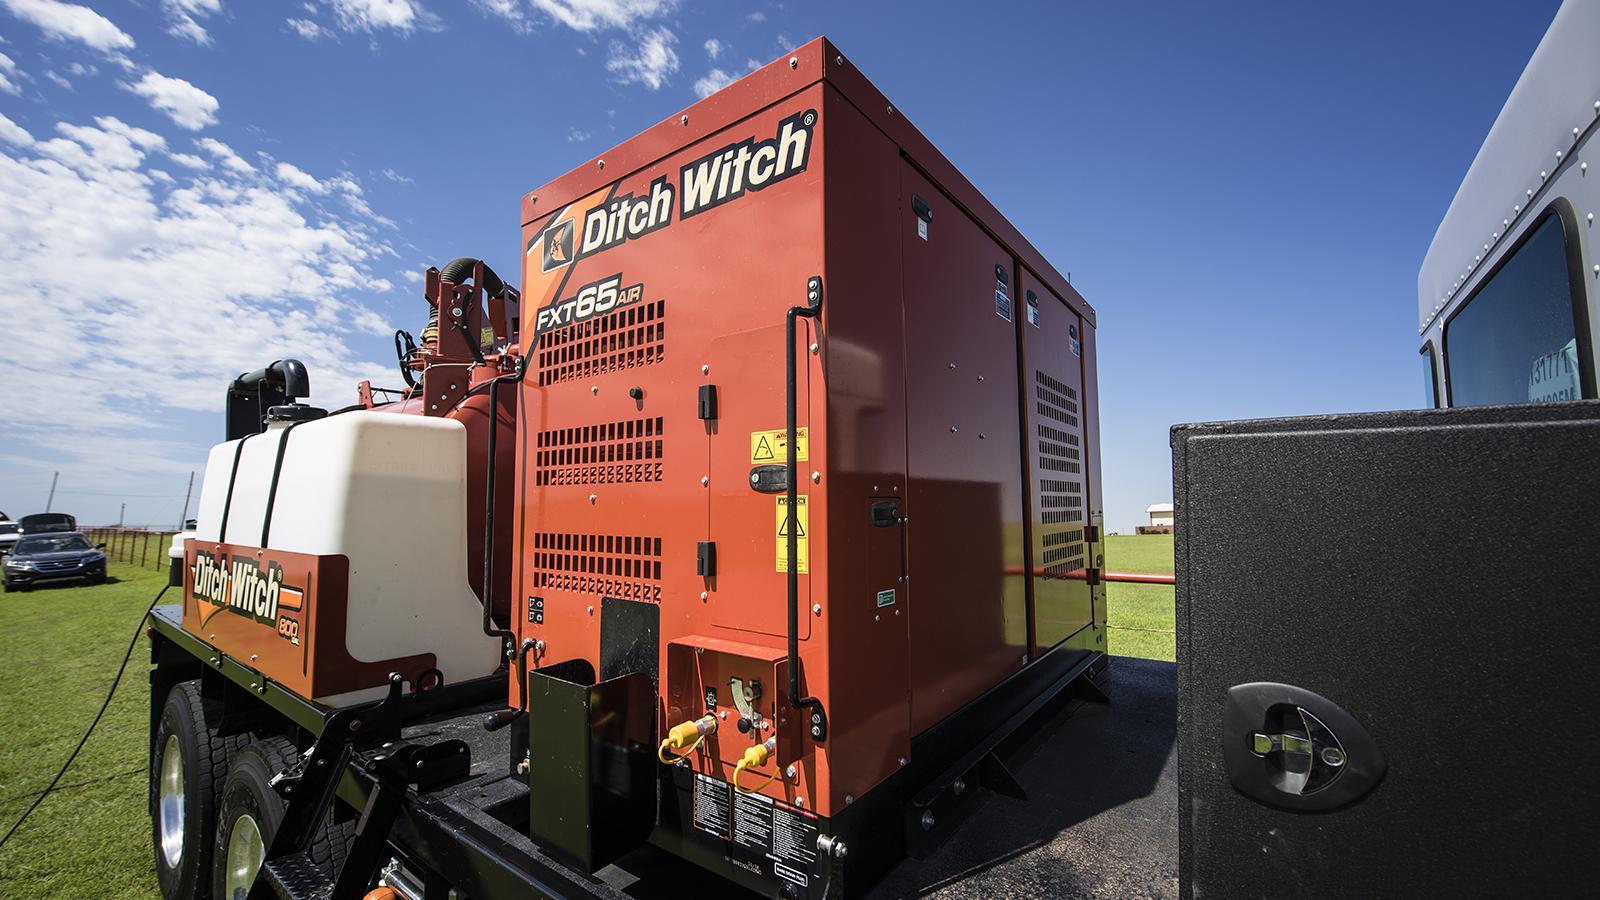 Ditch Witch FXT65 Air Vacuum Excavator